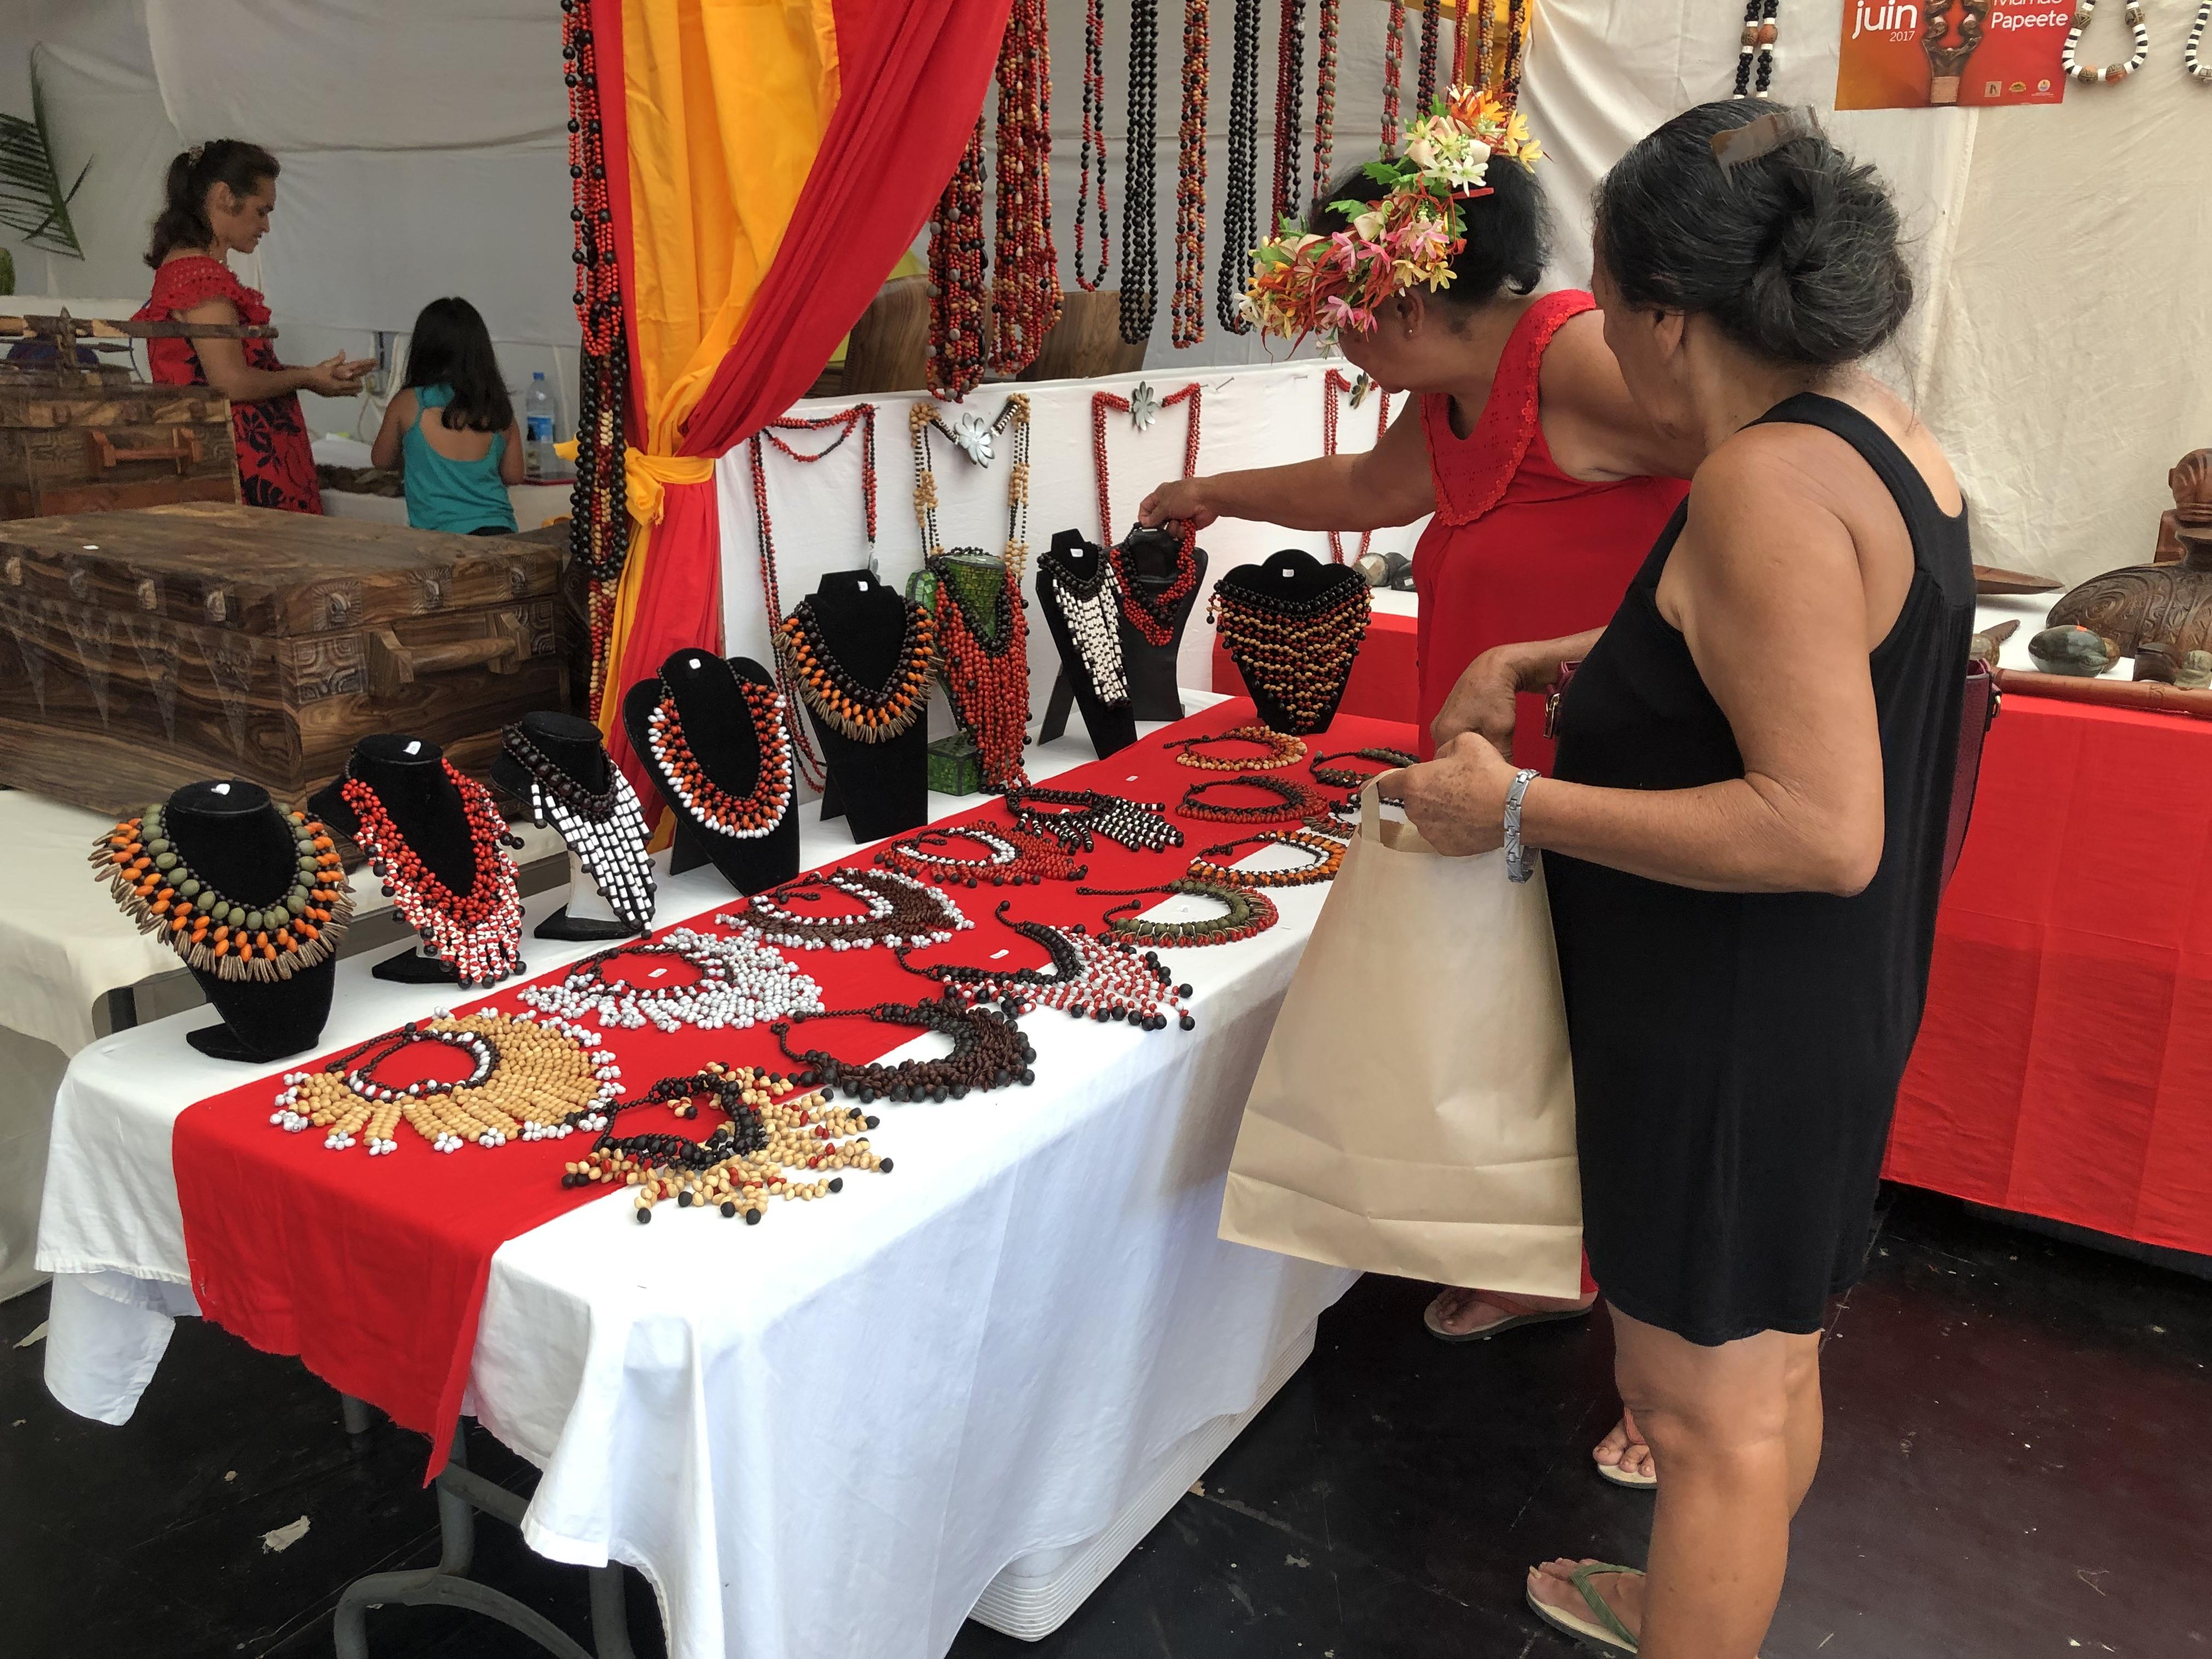 Une centaine d'artisans marquisiens vous attendent au parc expo de Mama'o jusqu'au 9 juin.